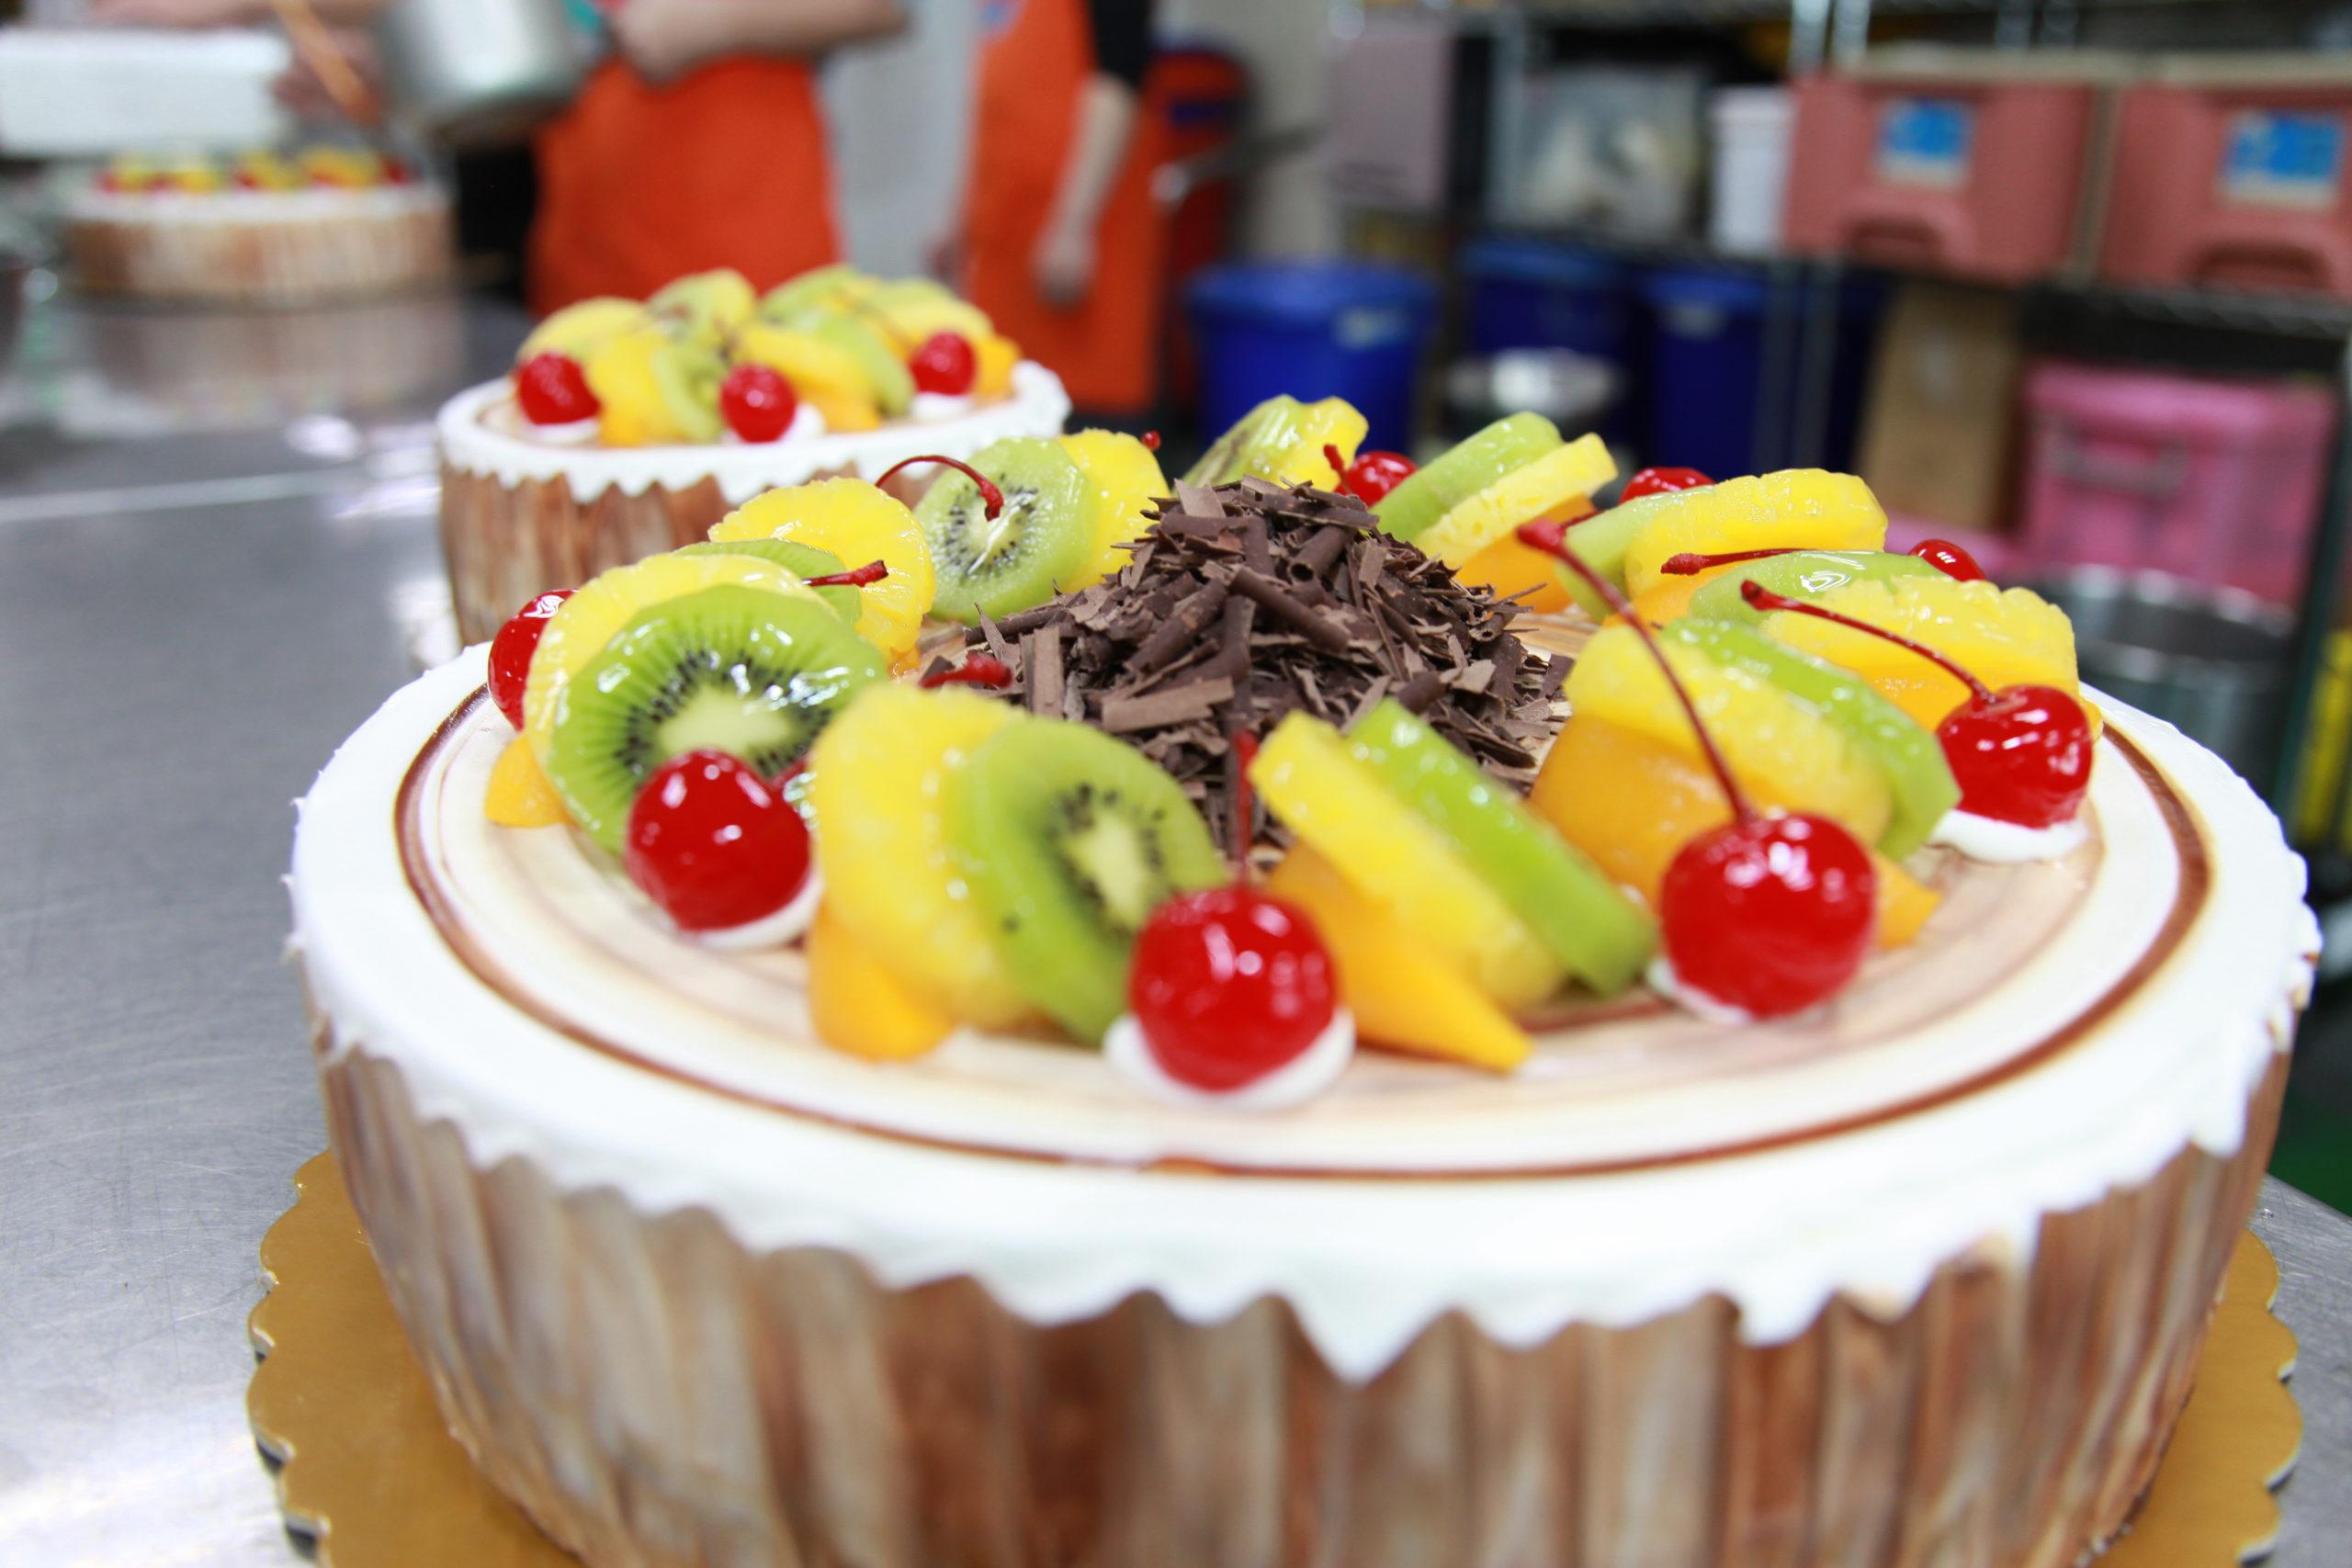 【精緻蛋糕】長條蛋糕、生日蛋糕 代表圖